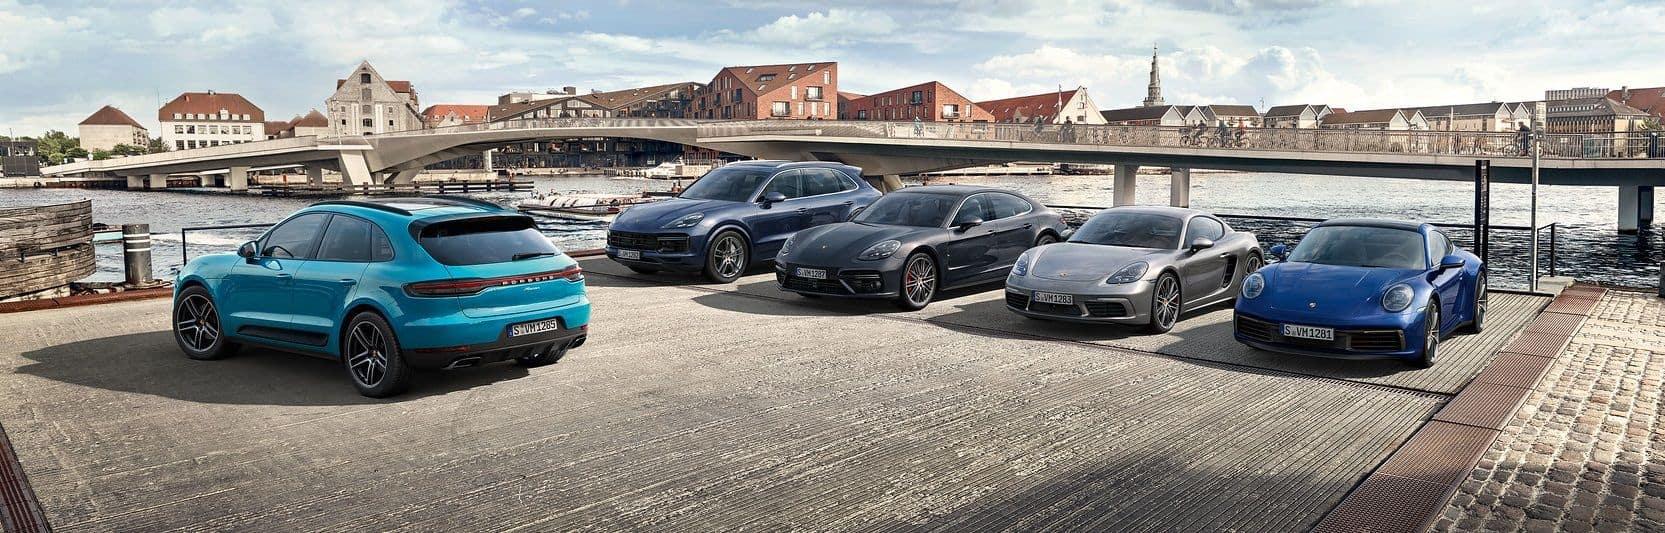 2020 Porsche Lineup   Spokane, WA